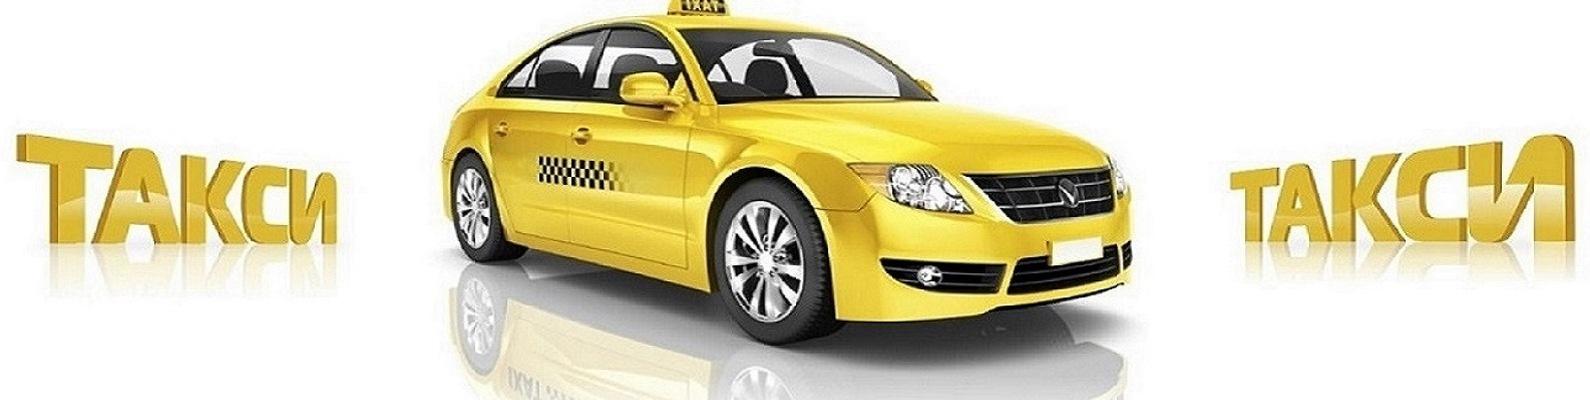 Картинки для объявлений такси